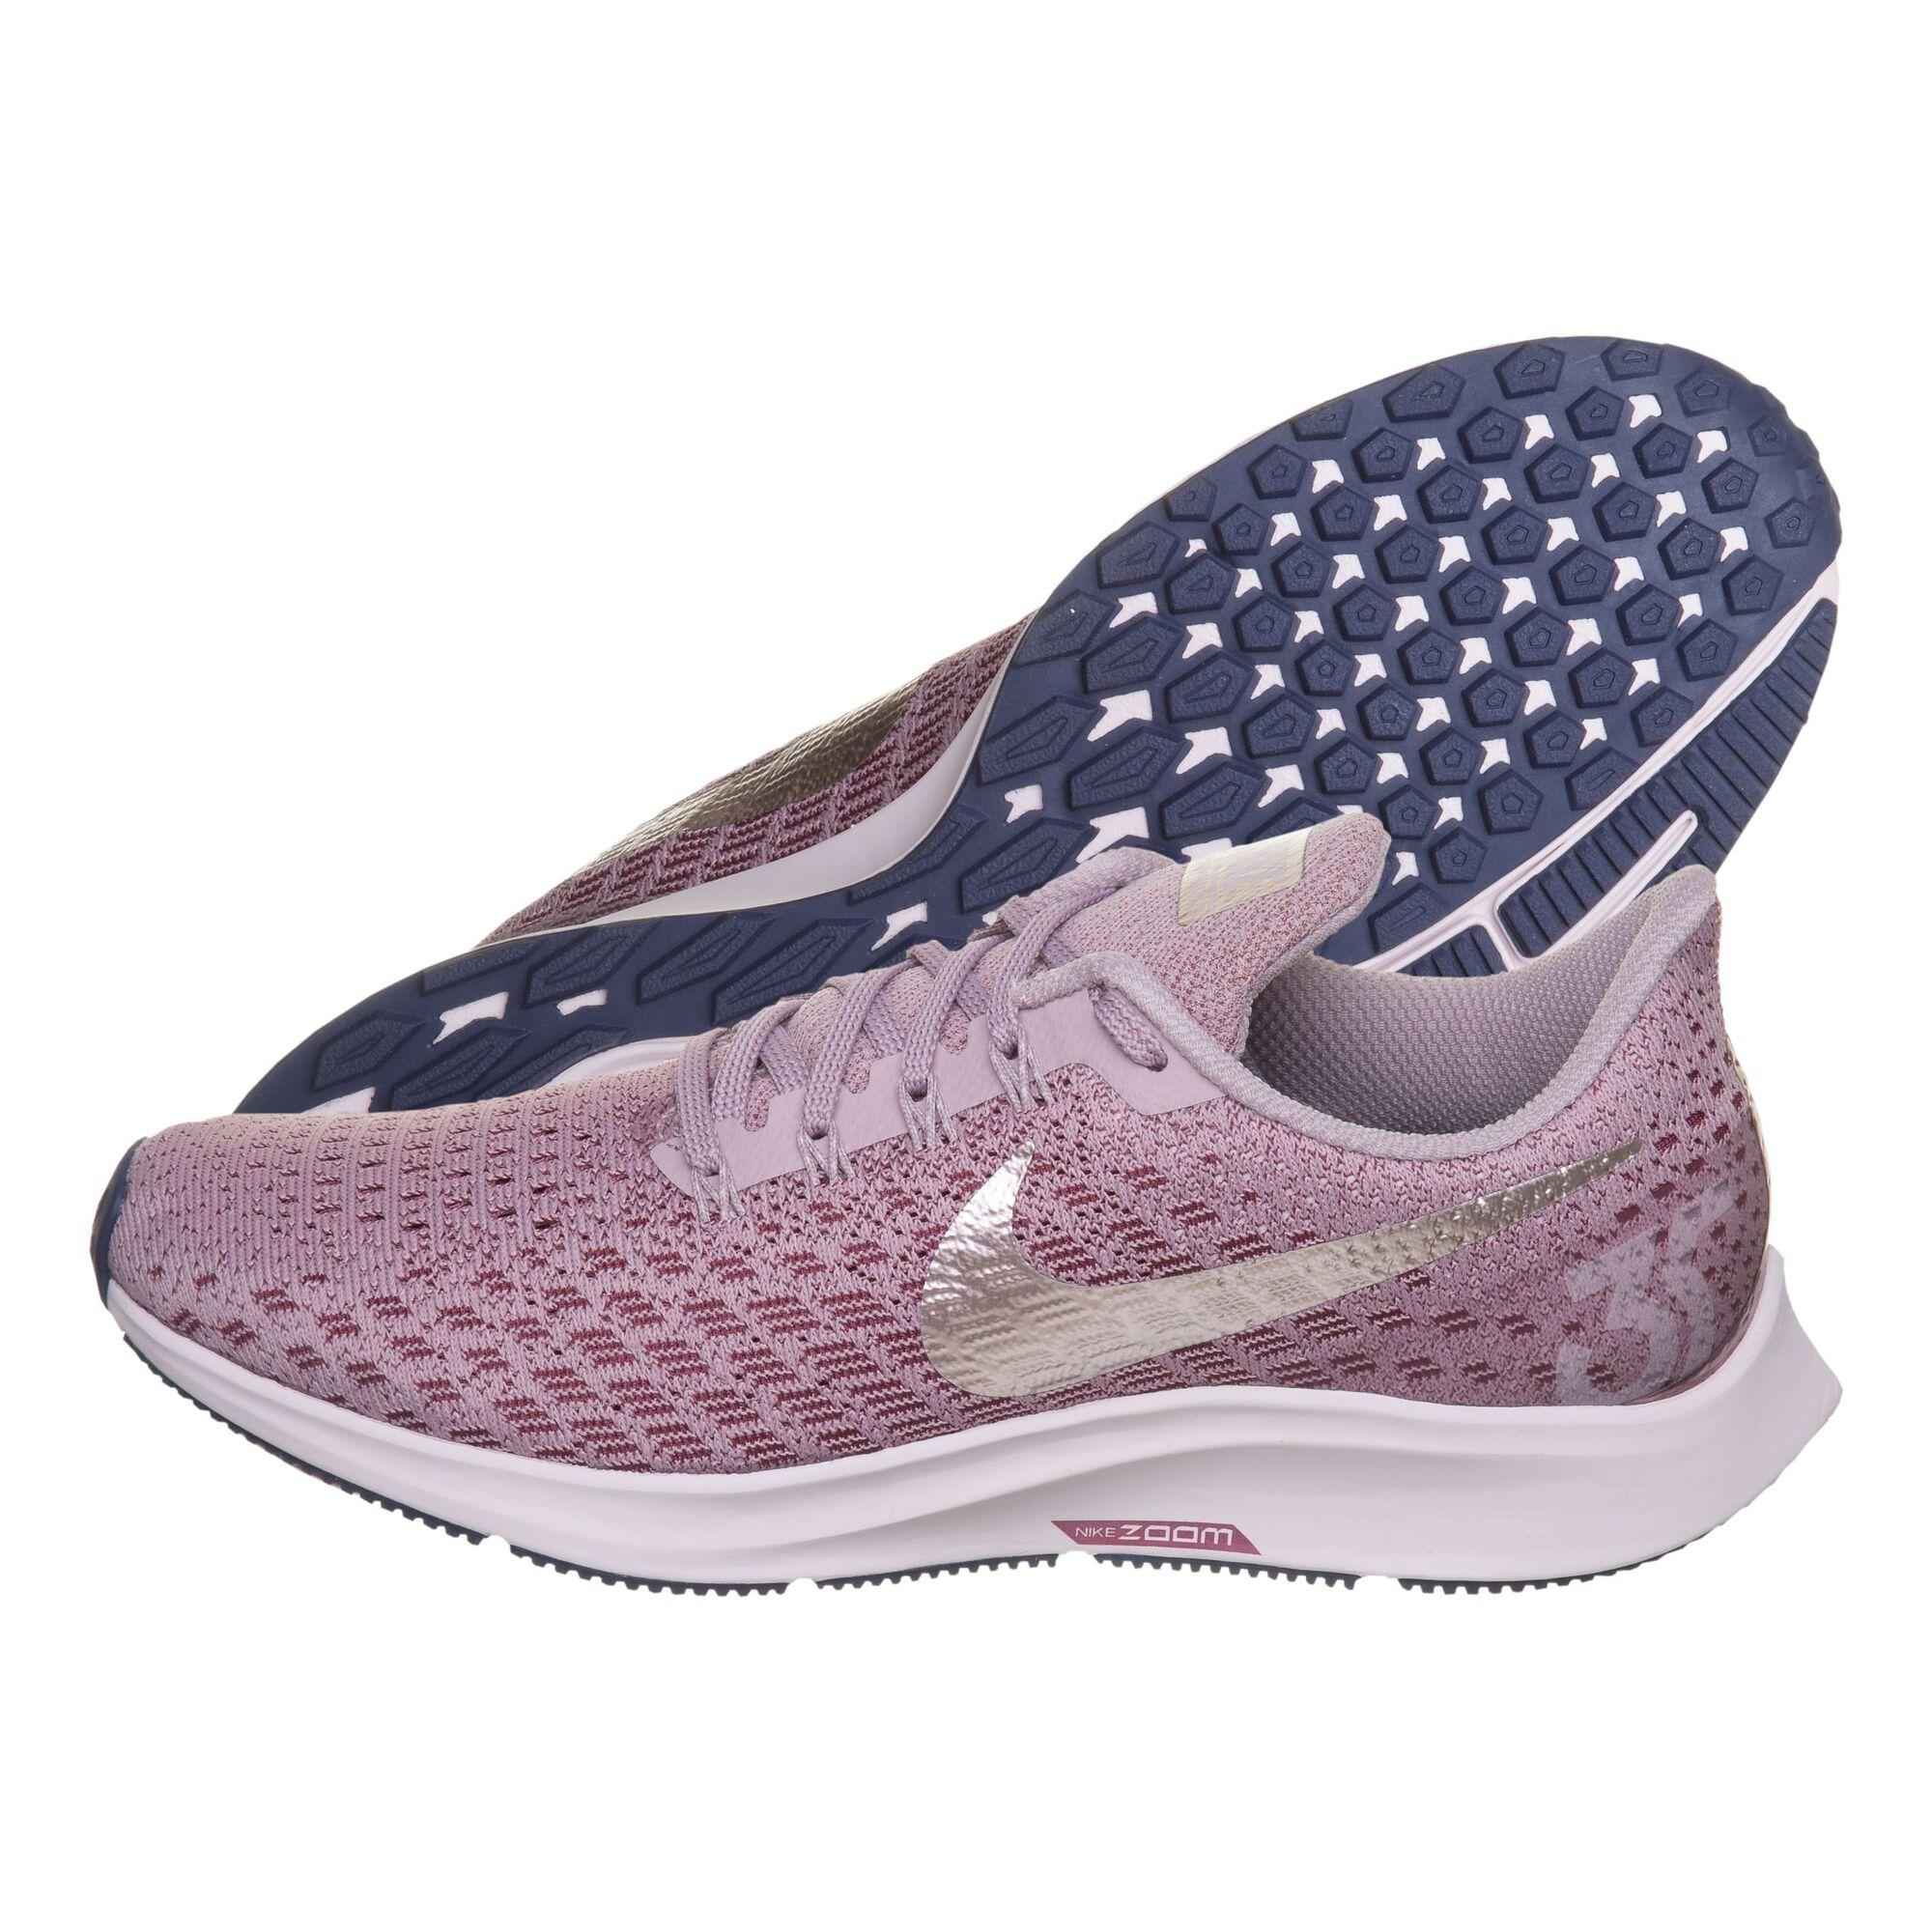 8de421ab71ba26 ... Nike  Nike  Nike  Nike  Nike  Nike. Air Zoom Pegasus 35 Women ...